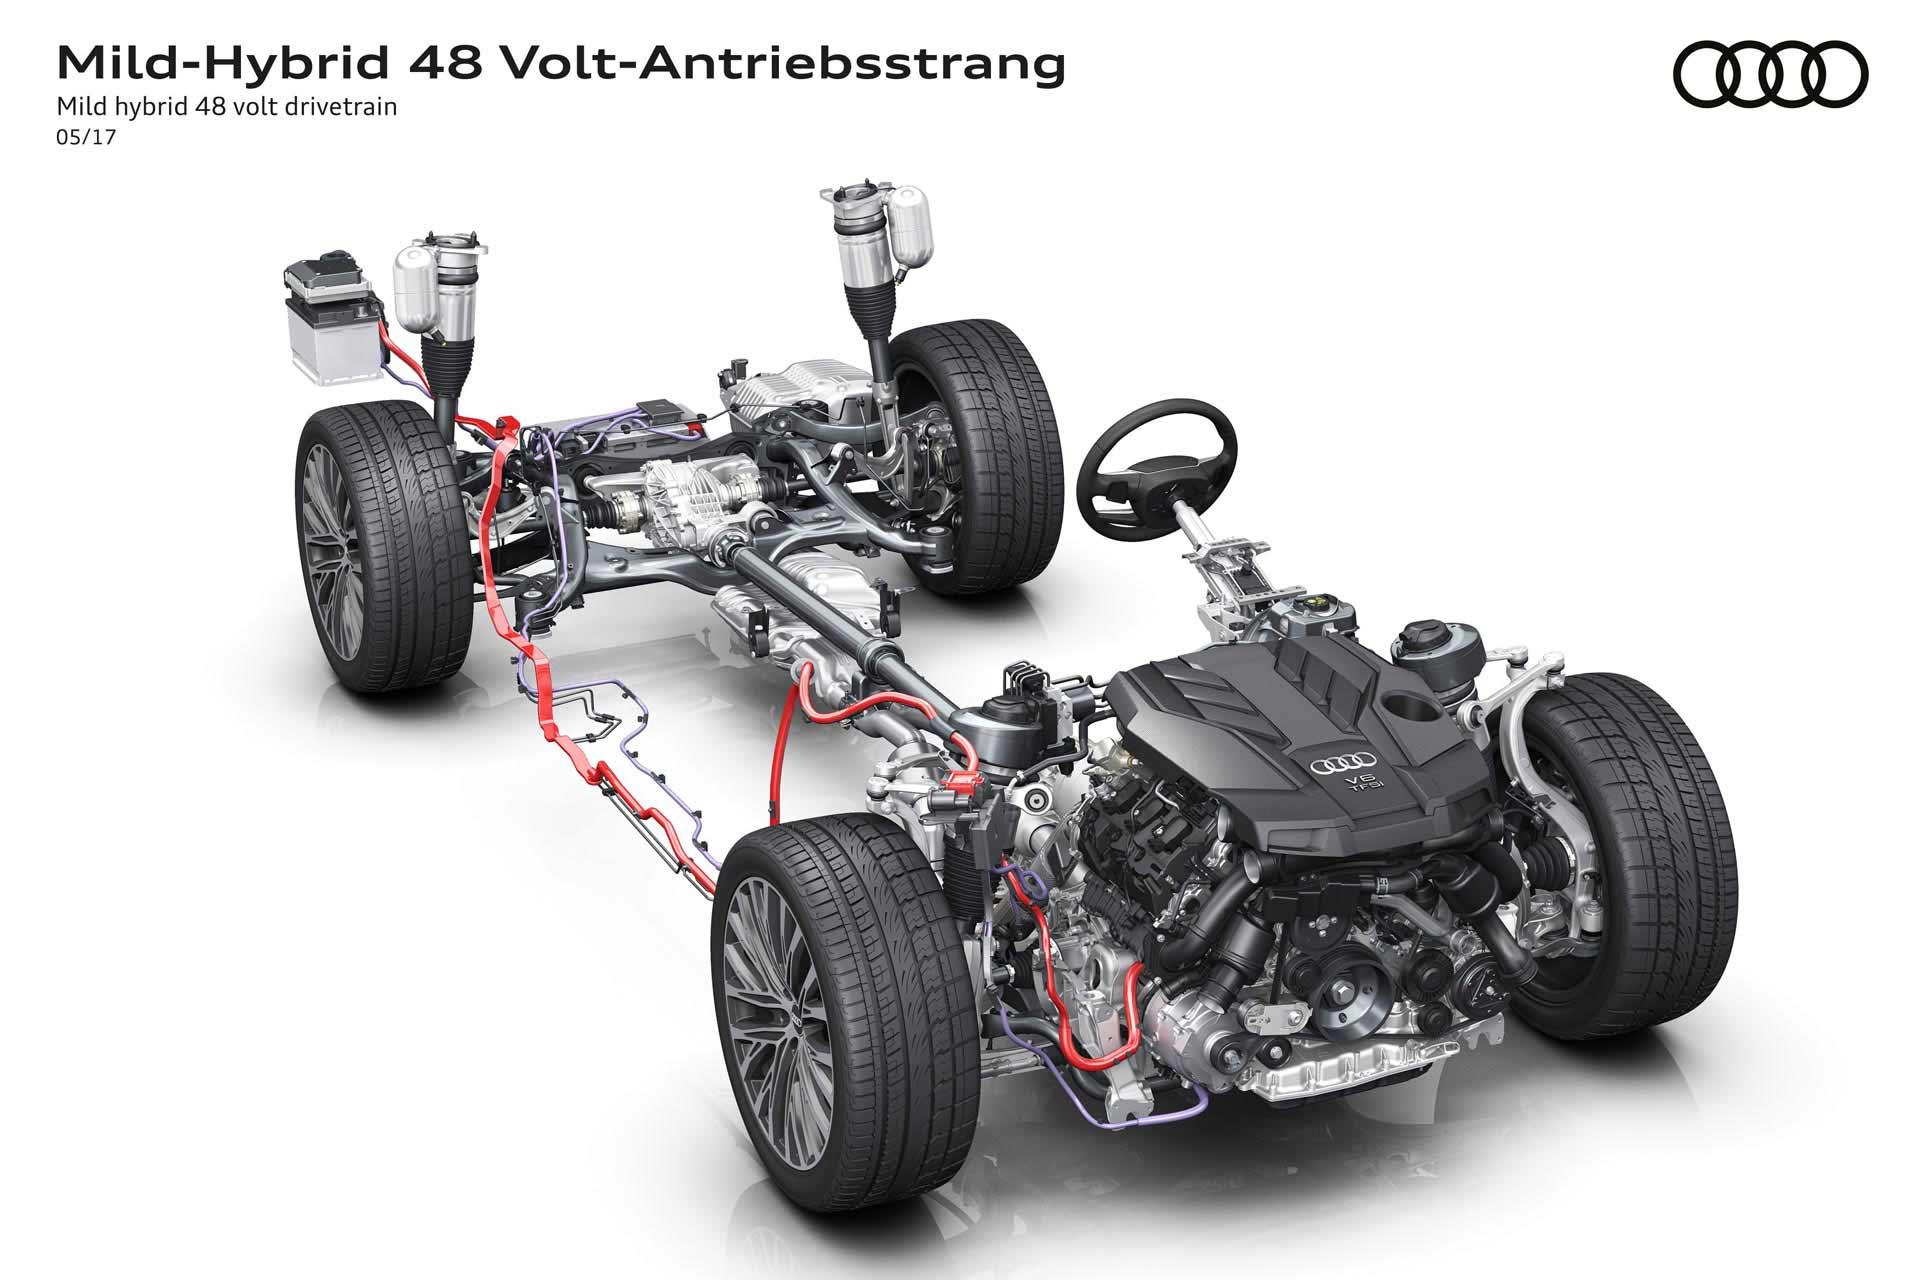 2018 Audi A8 gets a mild hybrid system - Autodevot